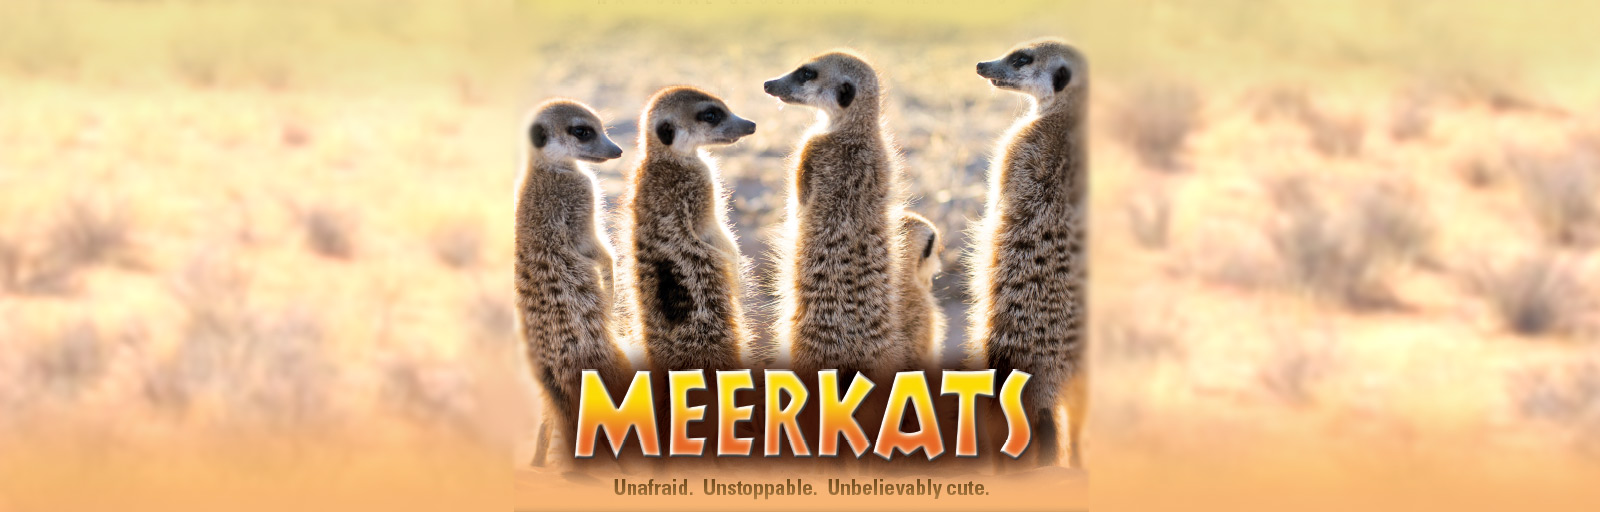 meerkats-webslider-01062019